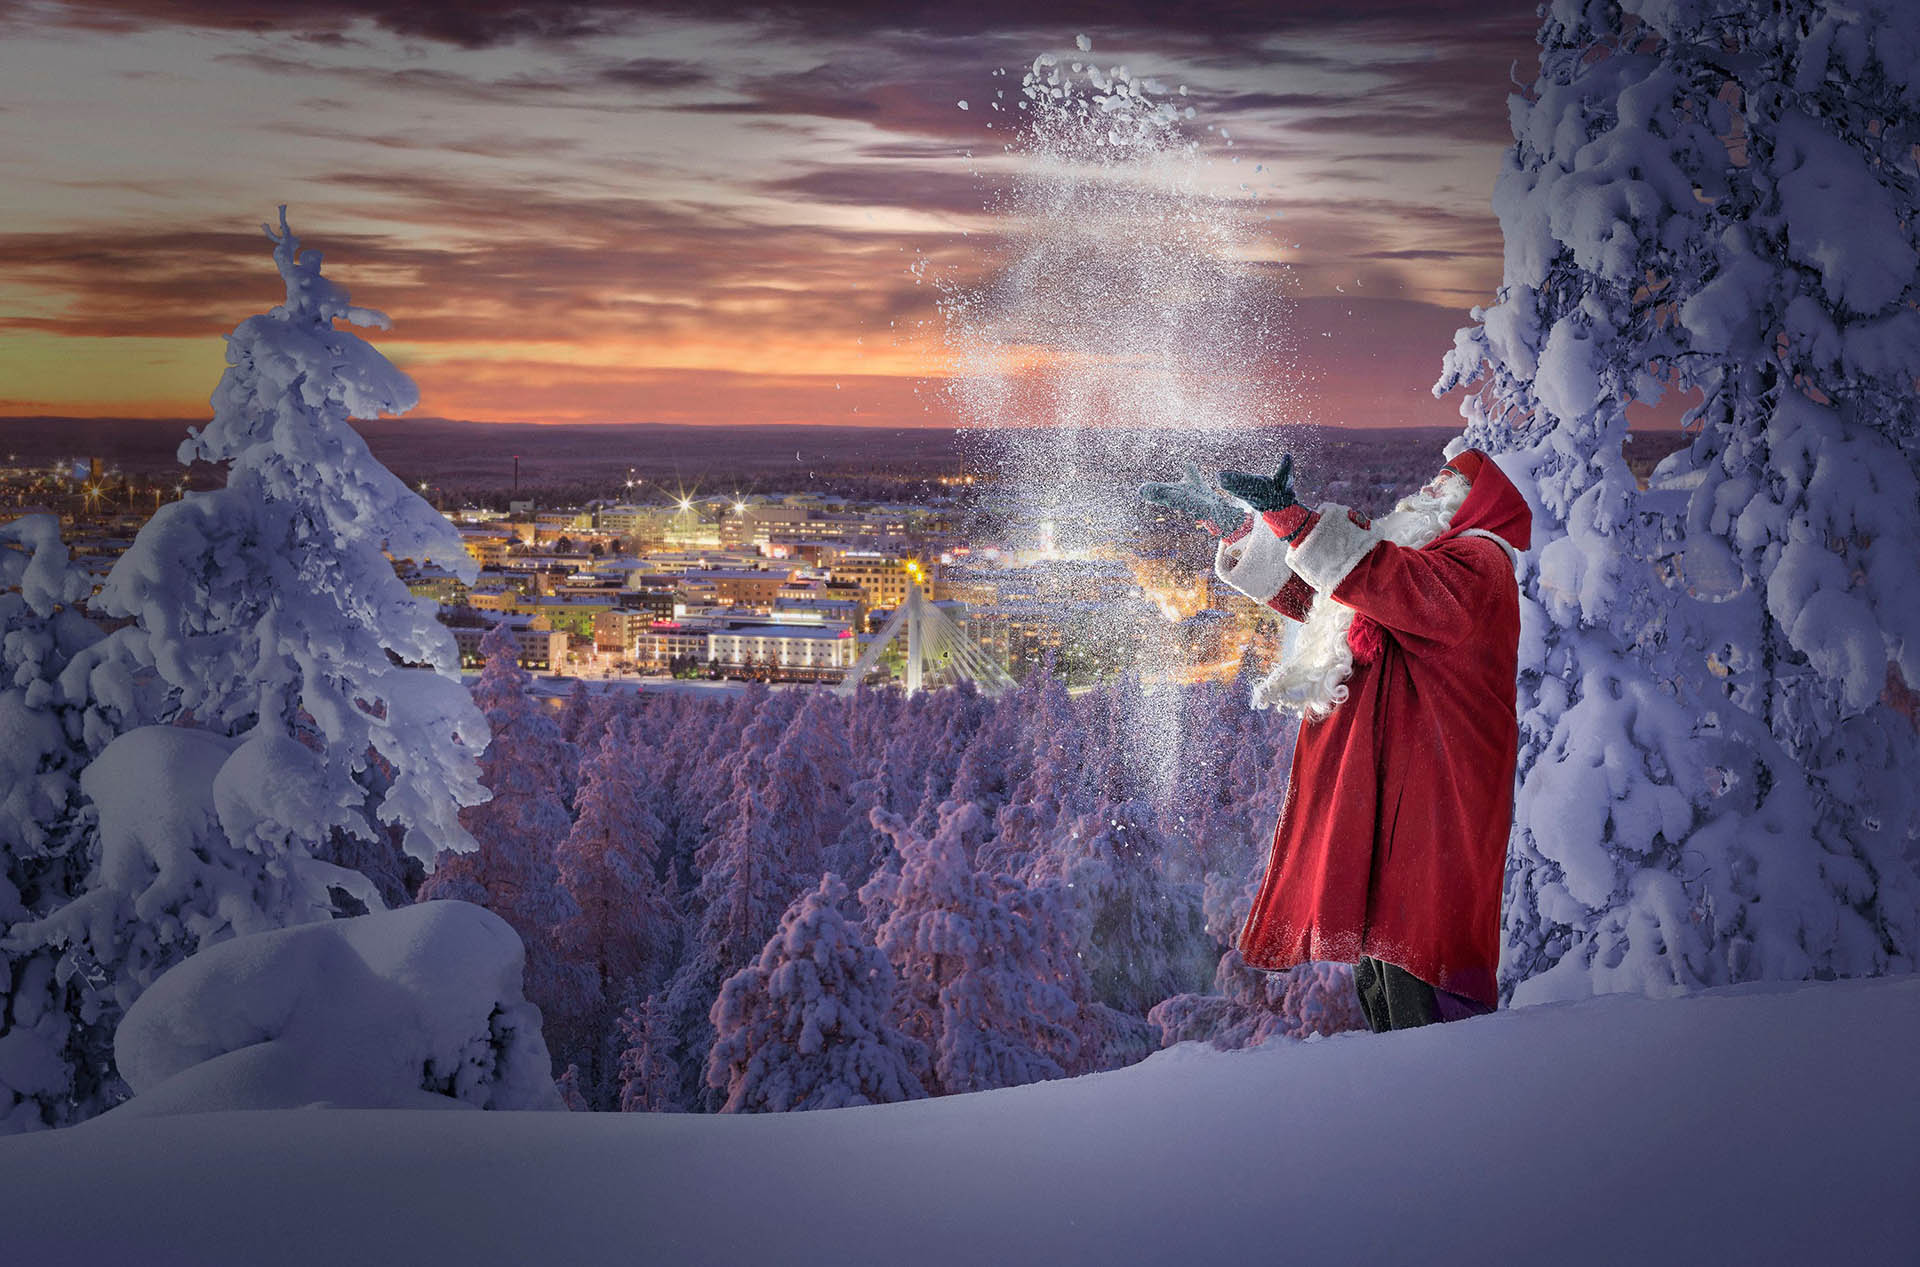 Santa Adventure In Finland (4Days / 3Nights)